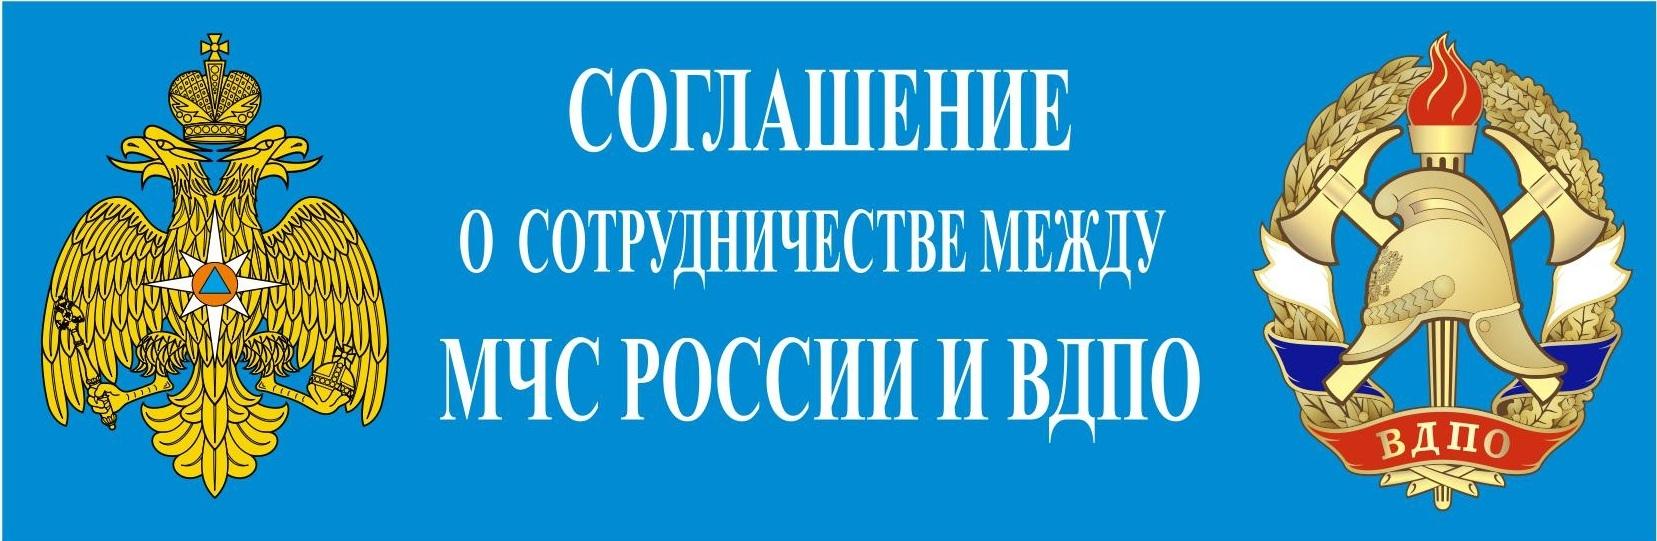 Соглашение МЧС и ВДПО